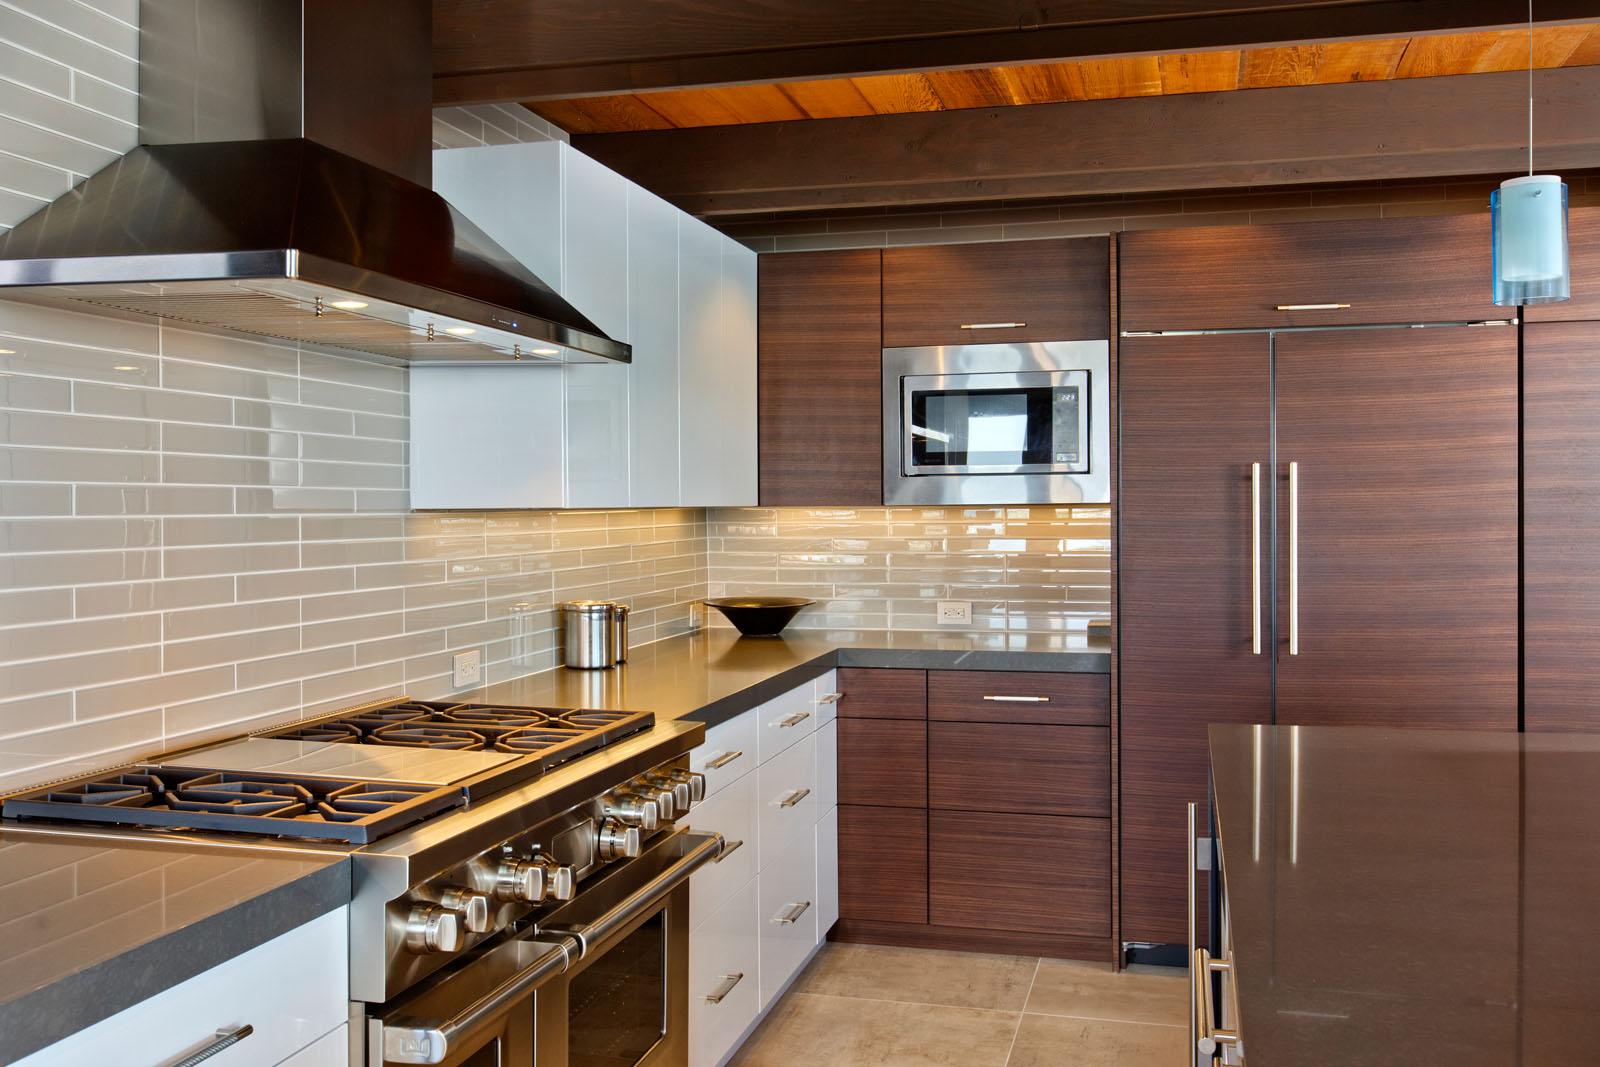 Modern Kitchen & Contemporary Appliances